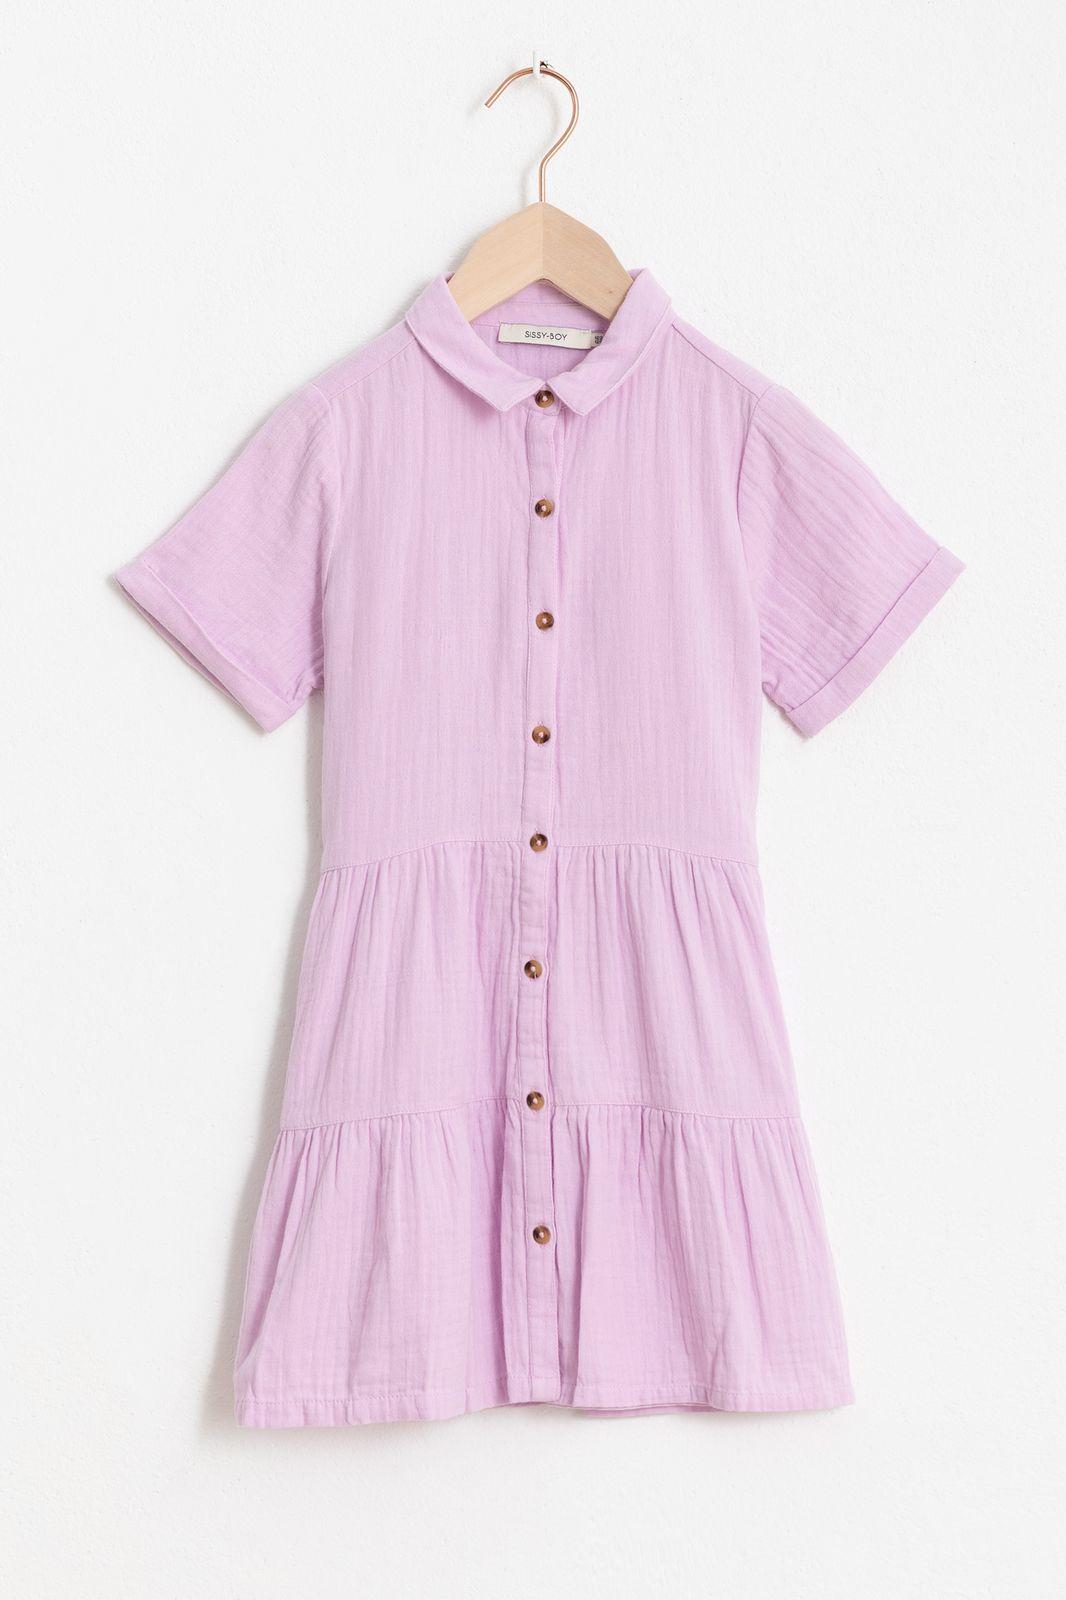 Lila jurkje met korte mouw en ruffle details